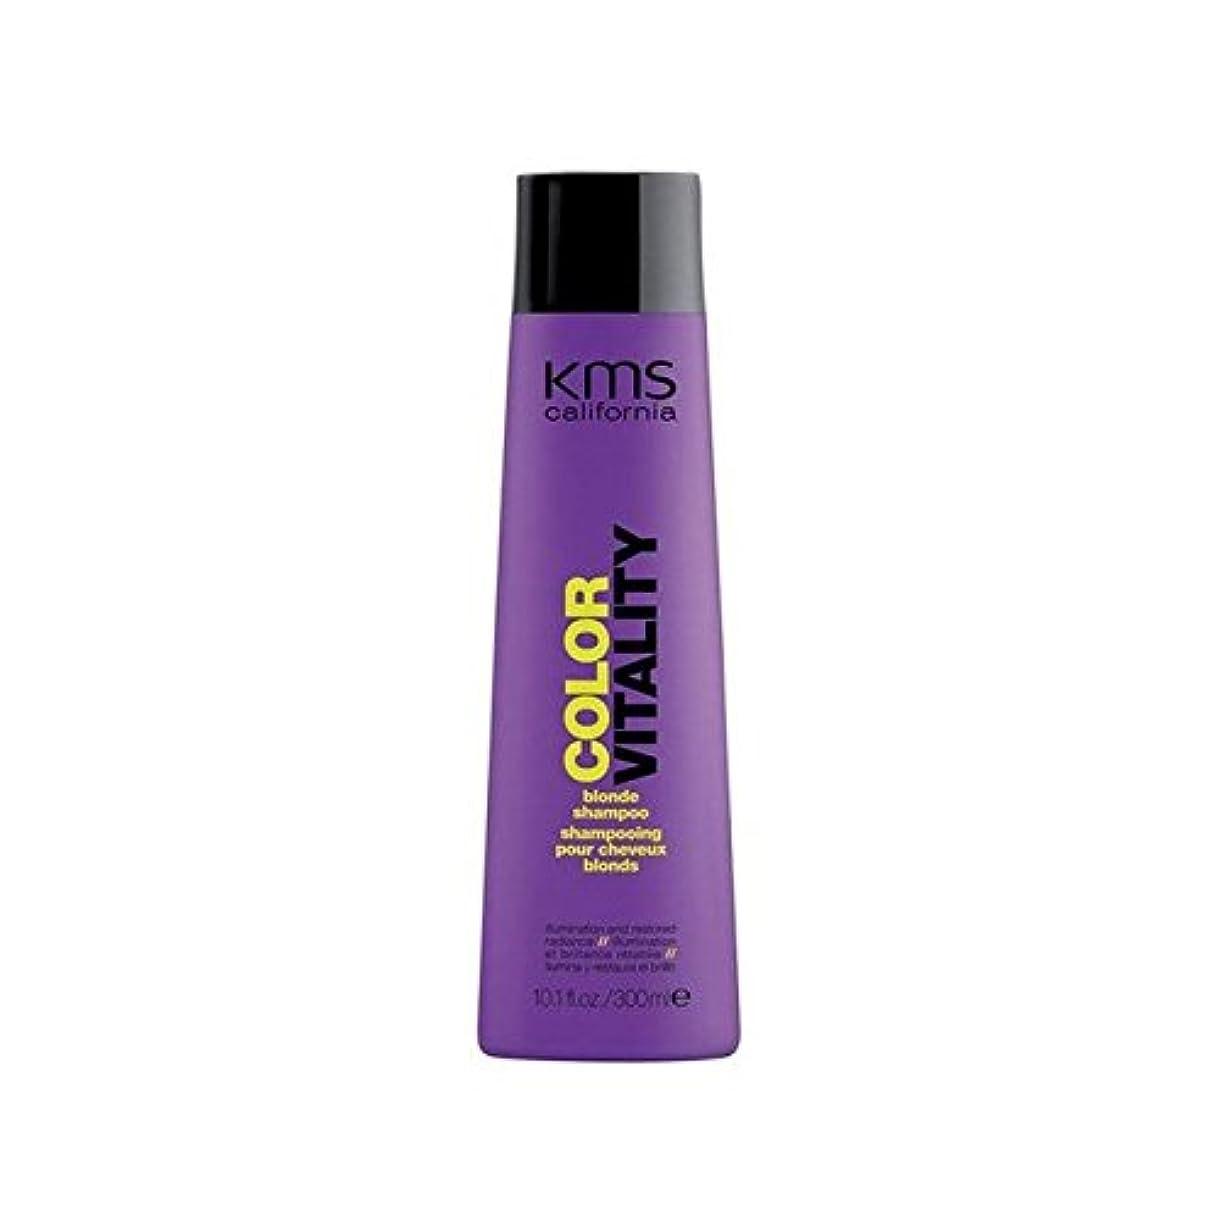 共産主義プロフィール残酷カリフォルニアブロンドシャンプー(300ミリリットル) x2 - Kms California Colorvitality Blonde Shampoo (300ml) (Pack of 2) [並行輸入品]